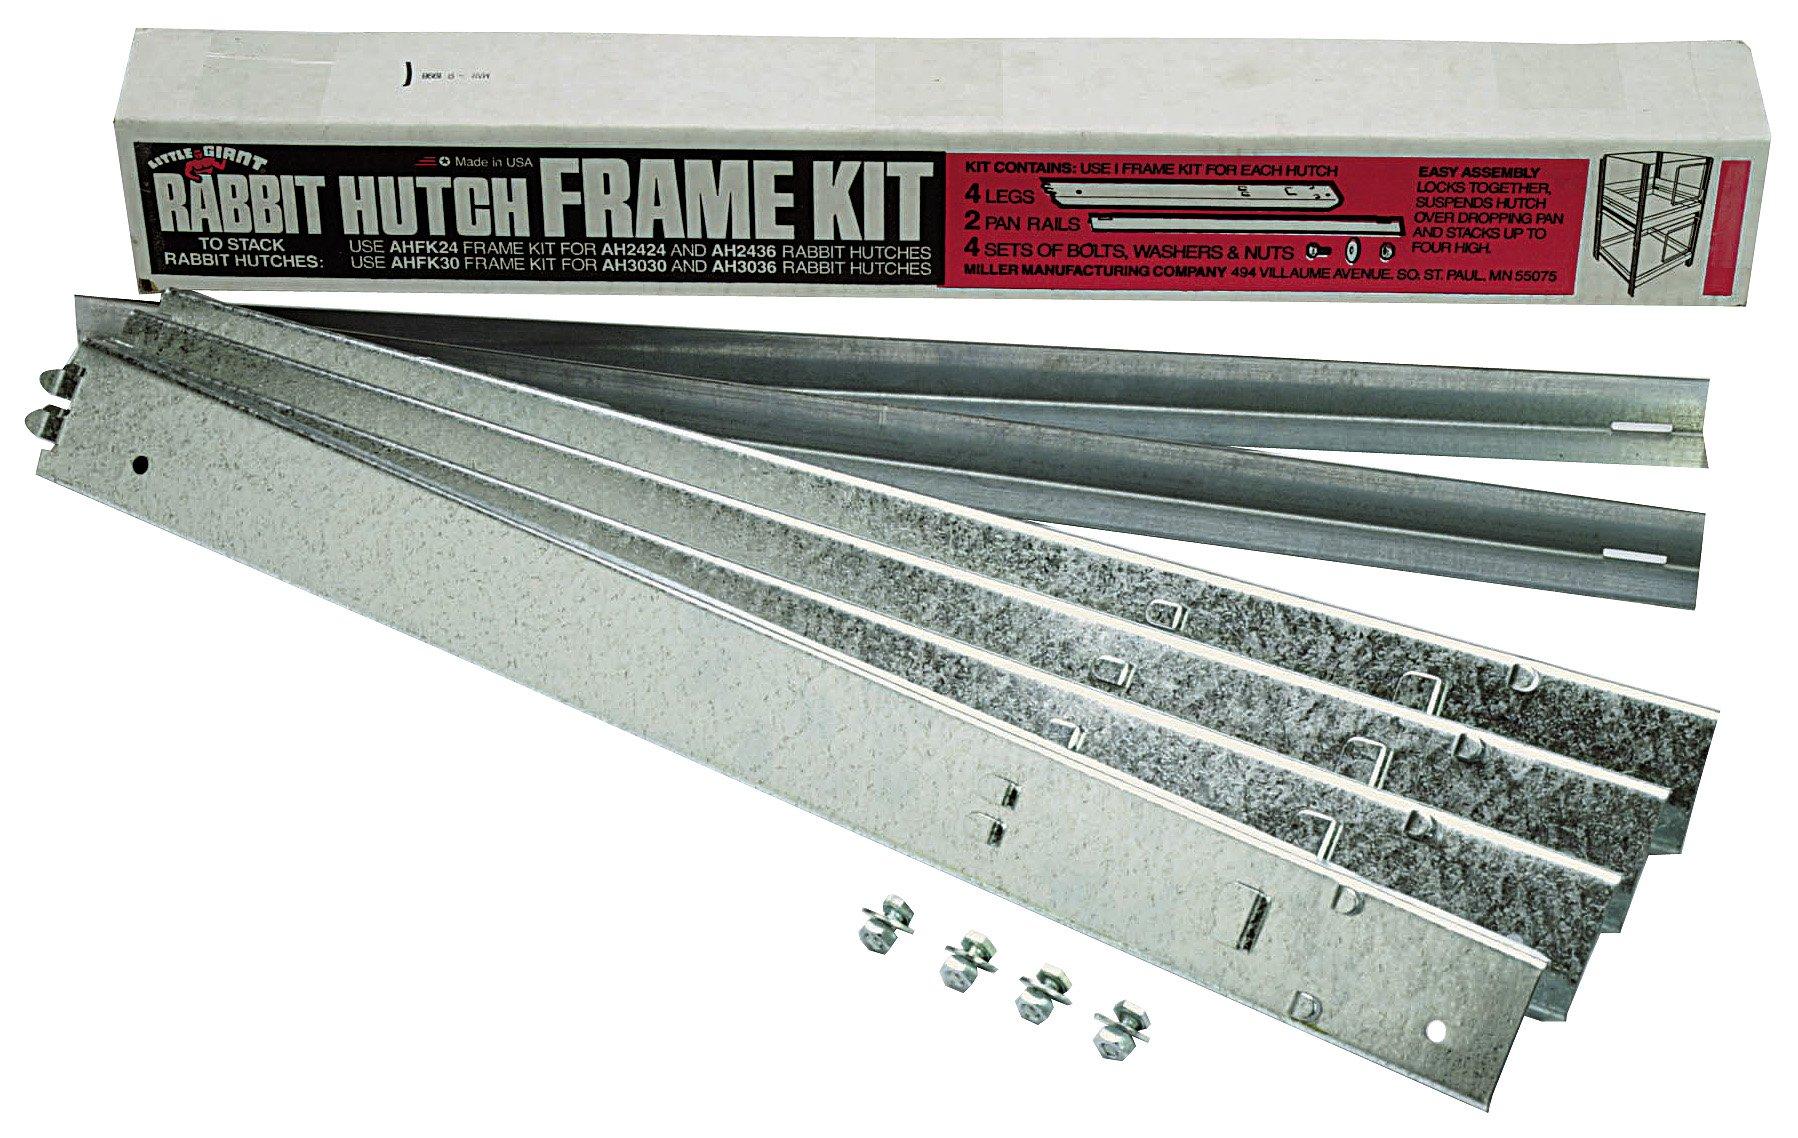 LITTLE GIANT AHFK24 Rabbit Hutch Frame Kit, 24'', Galvanized